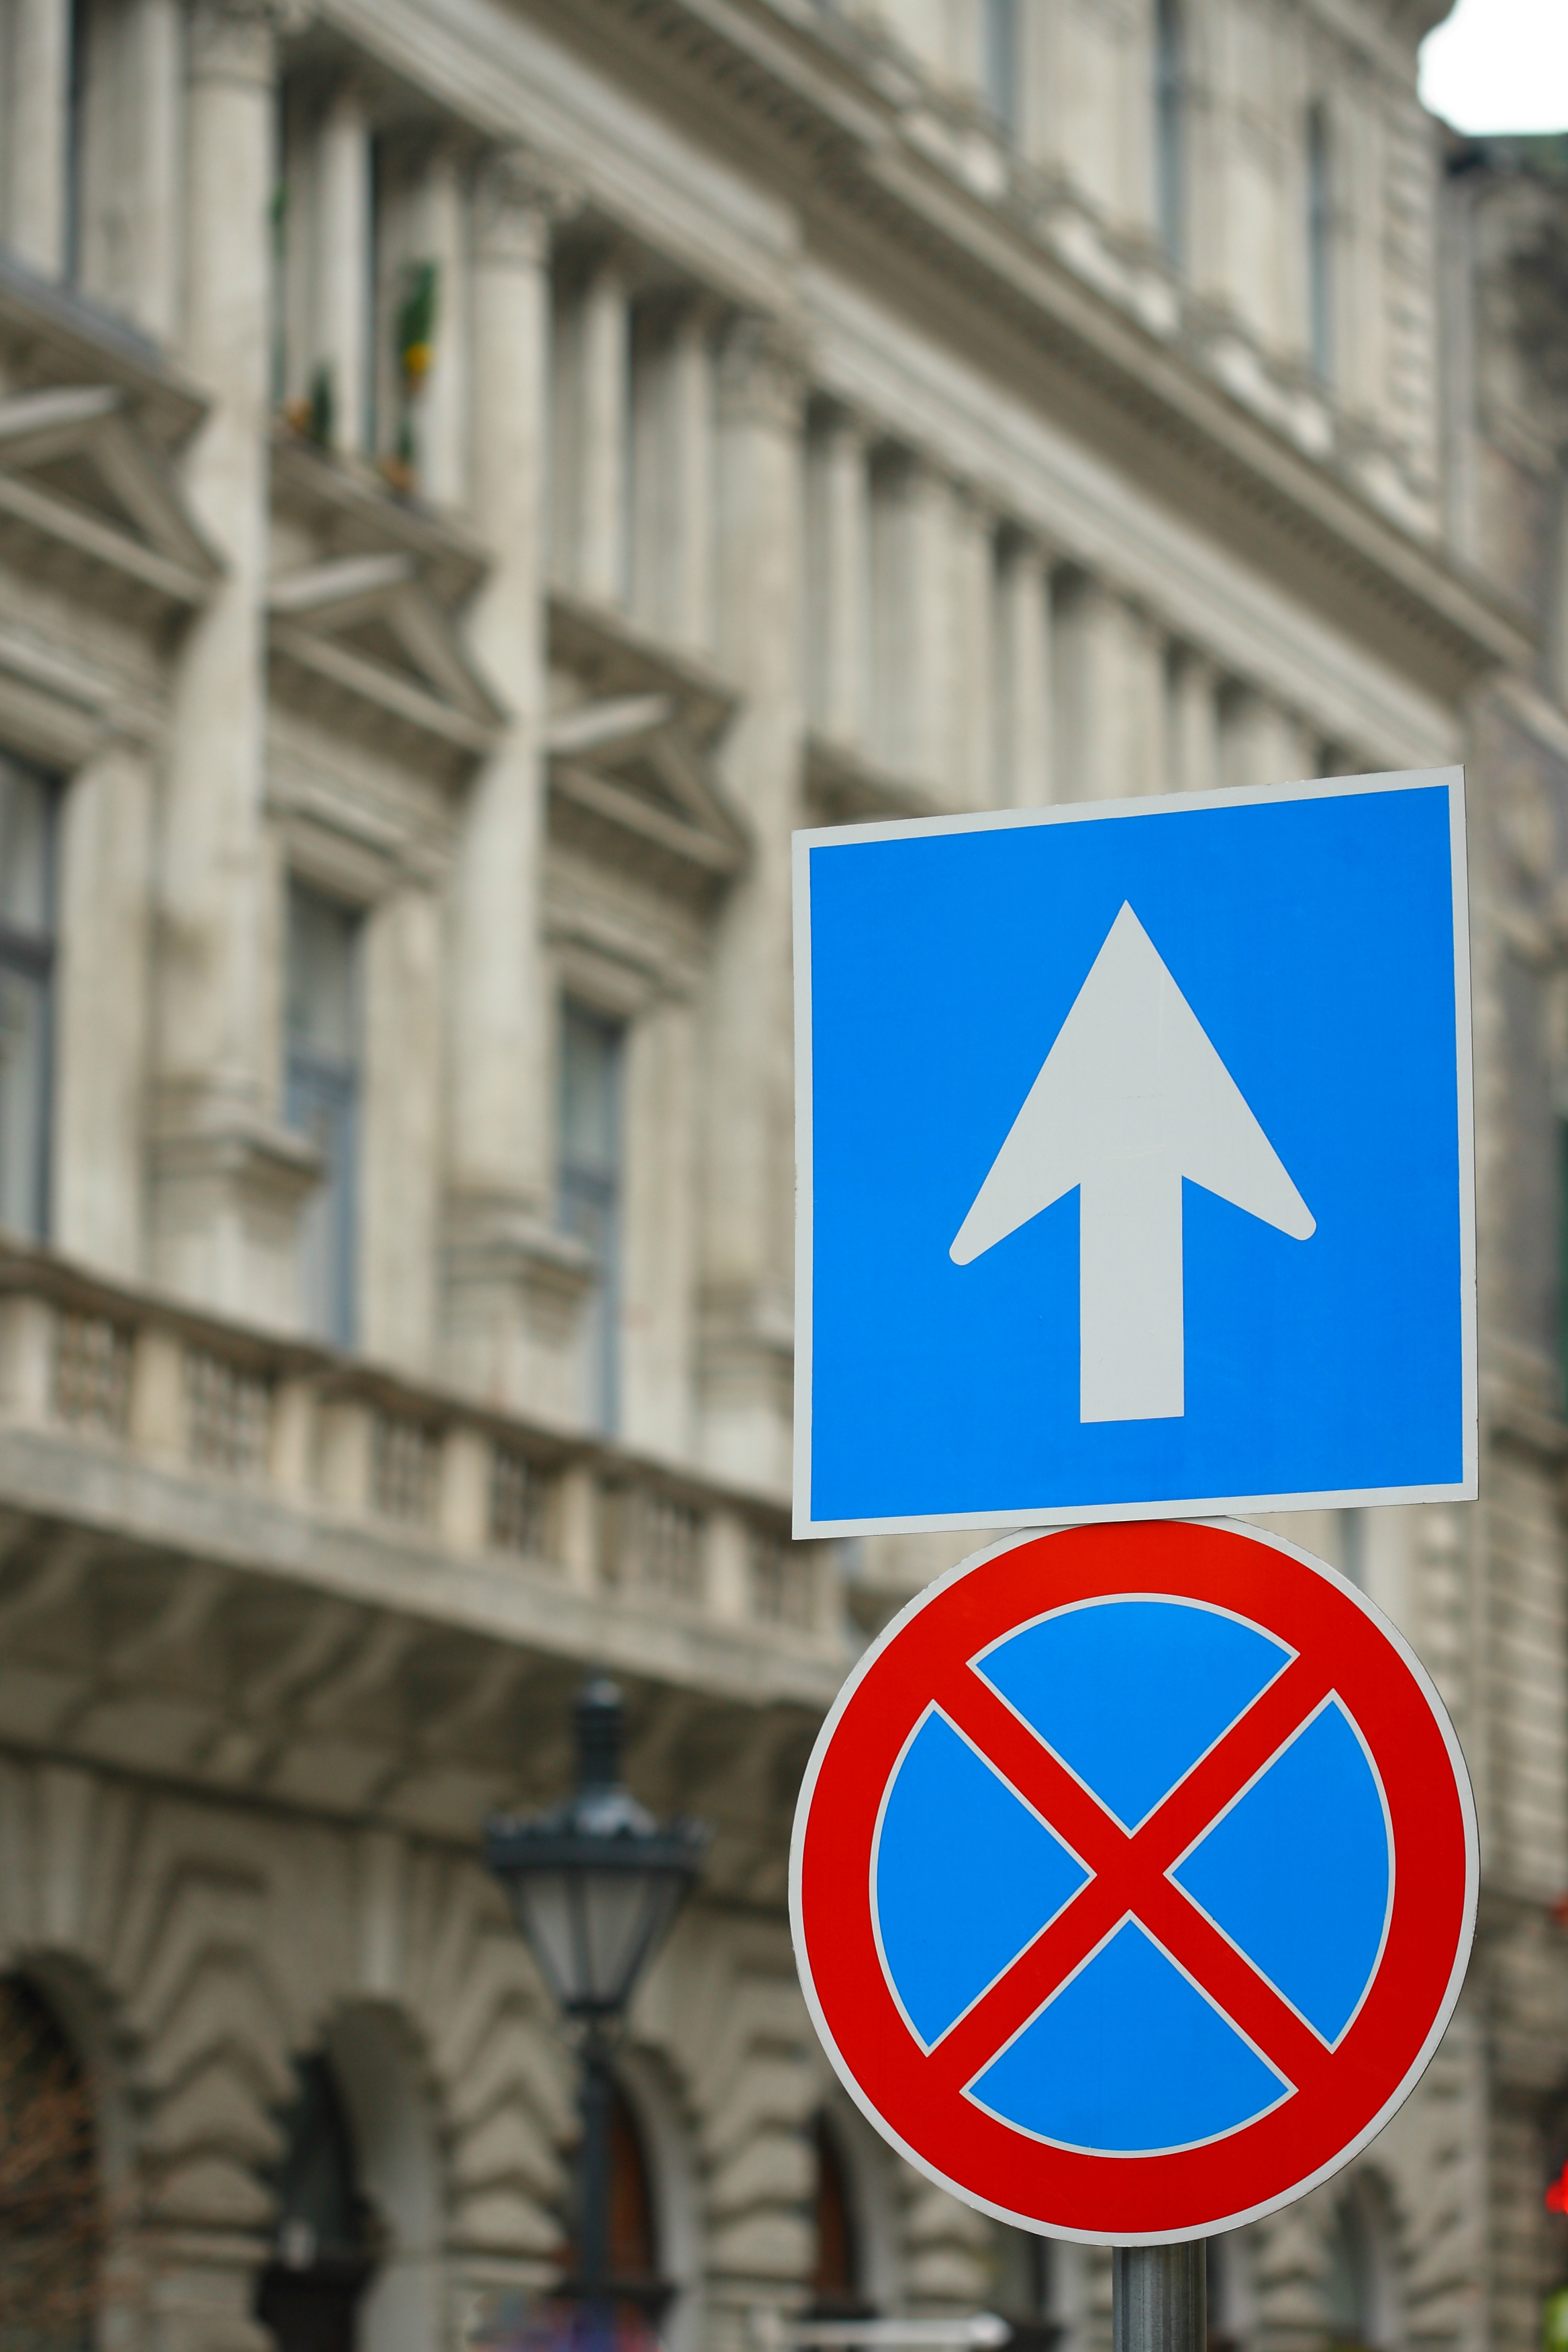 Szabad parkolni az egy forgalmi sáv szélességű út bal oldalán, ha ezt a jelzést látod?